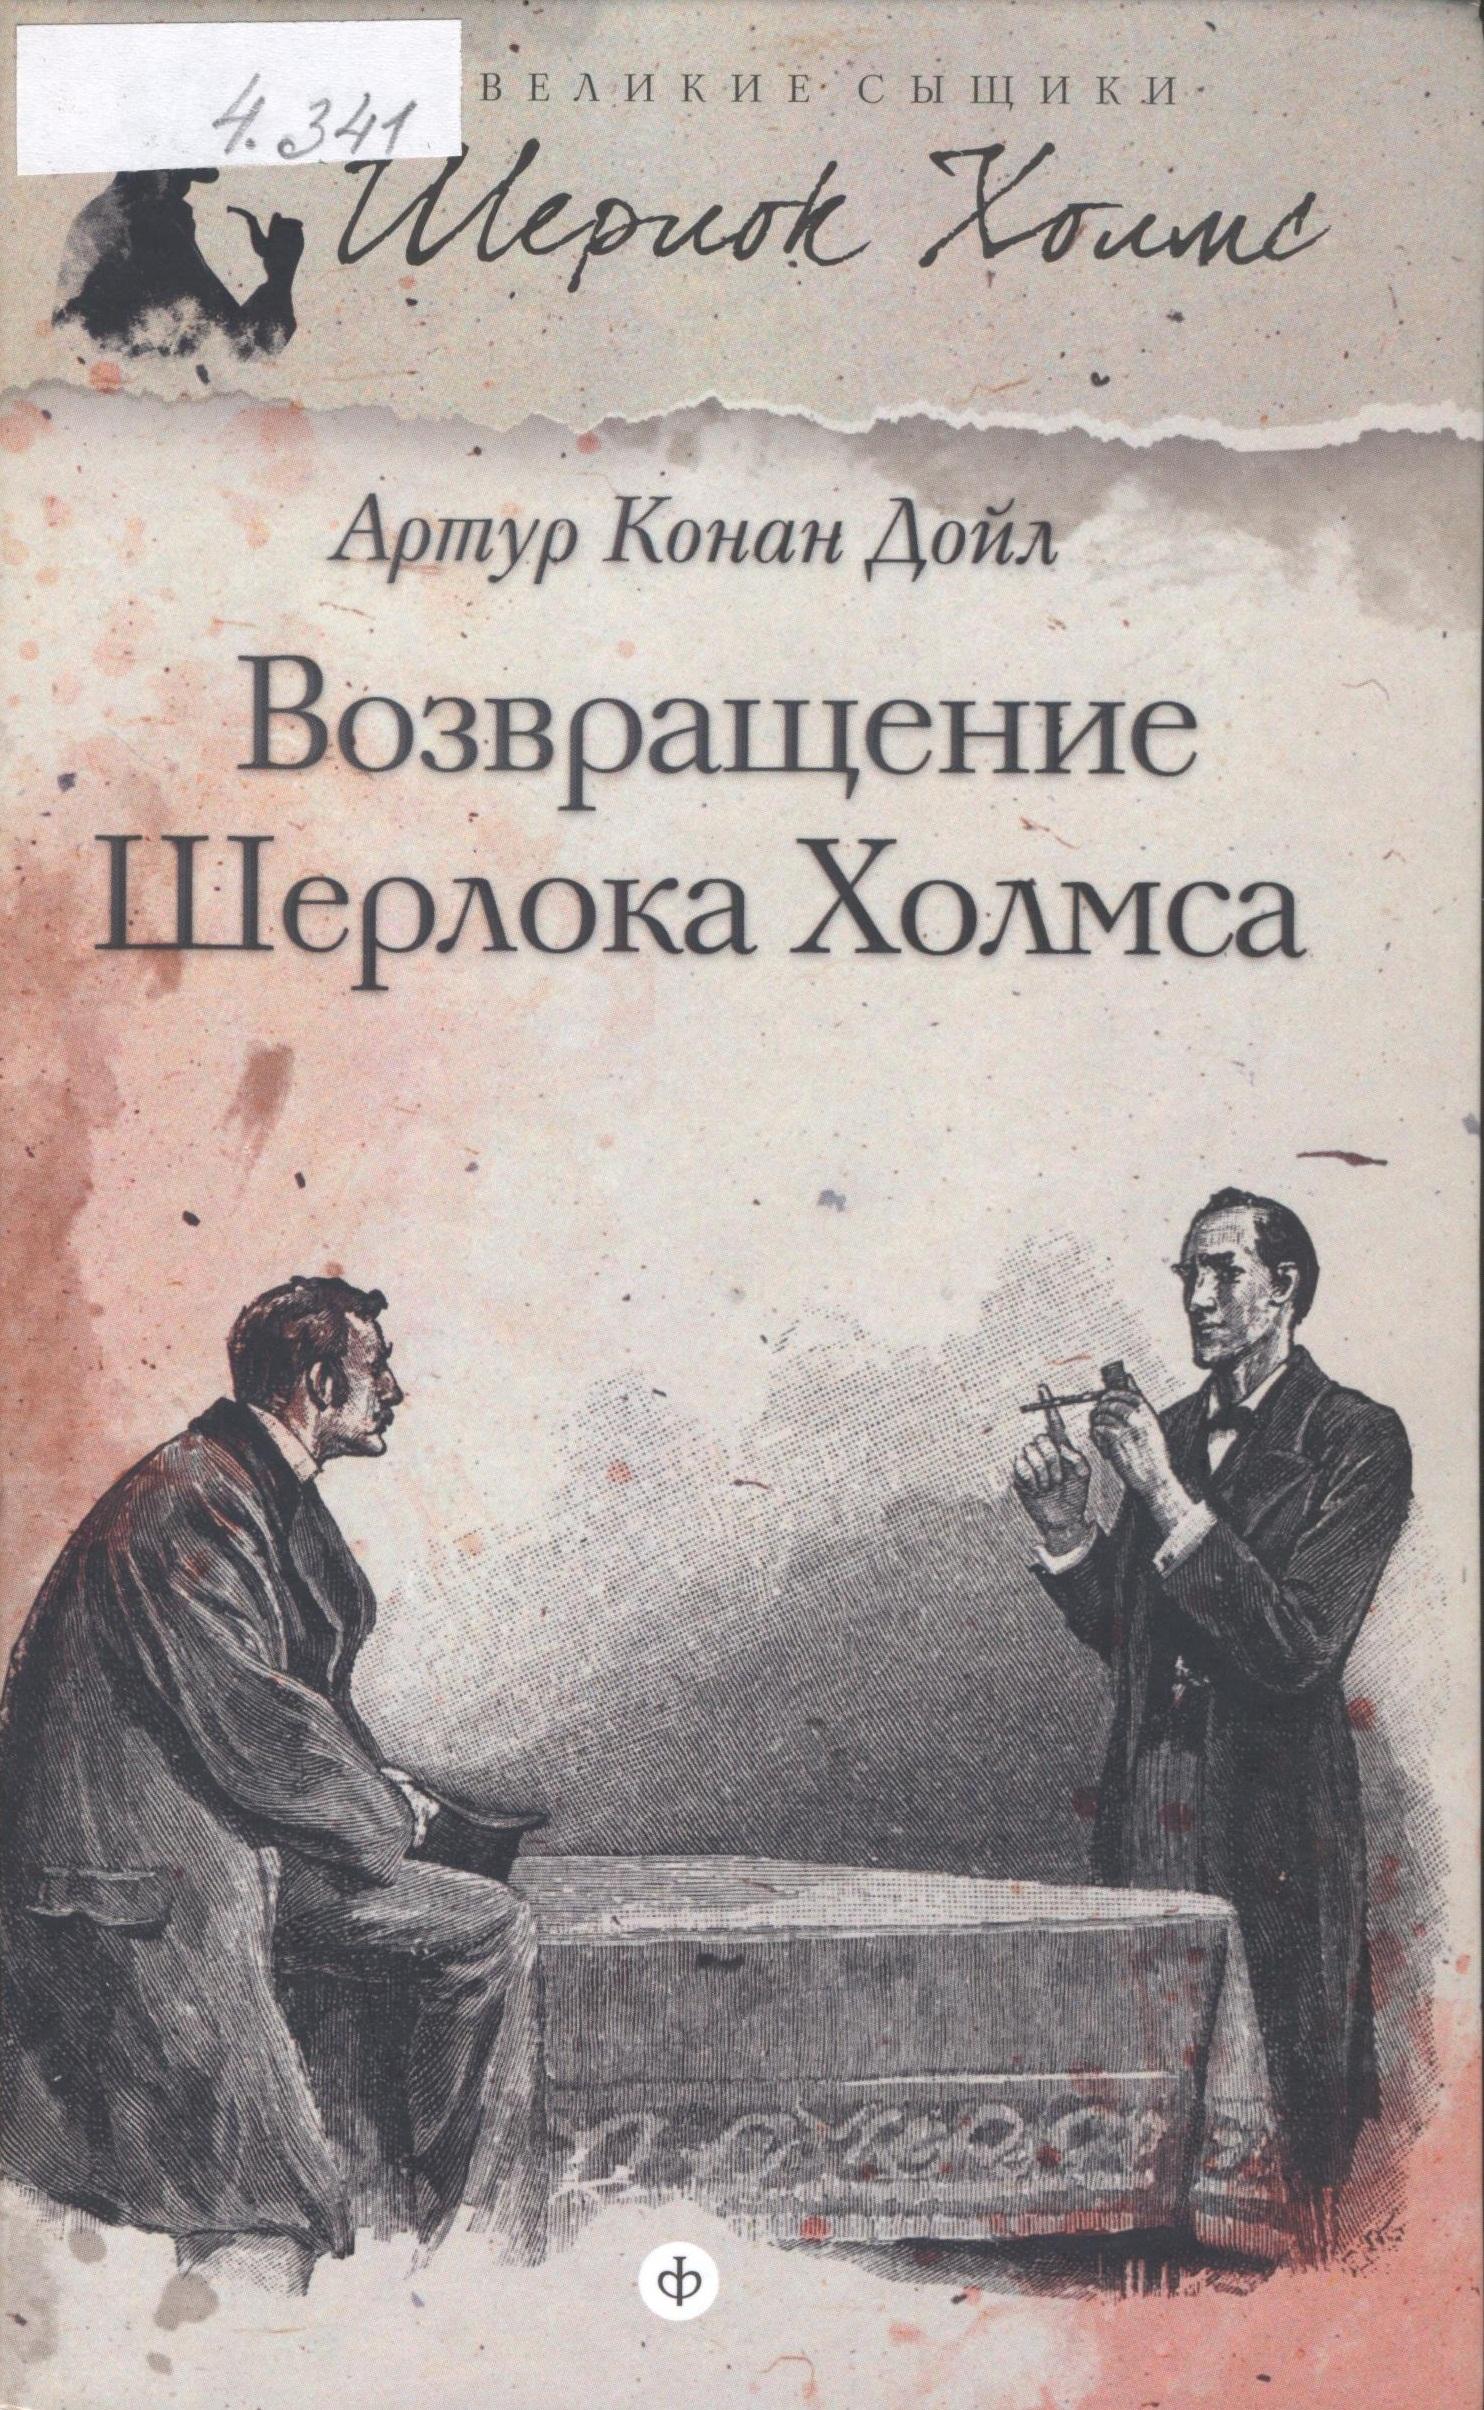 шерлок холмс читать онлайн 1 книга артур конан дойл знакомство